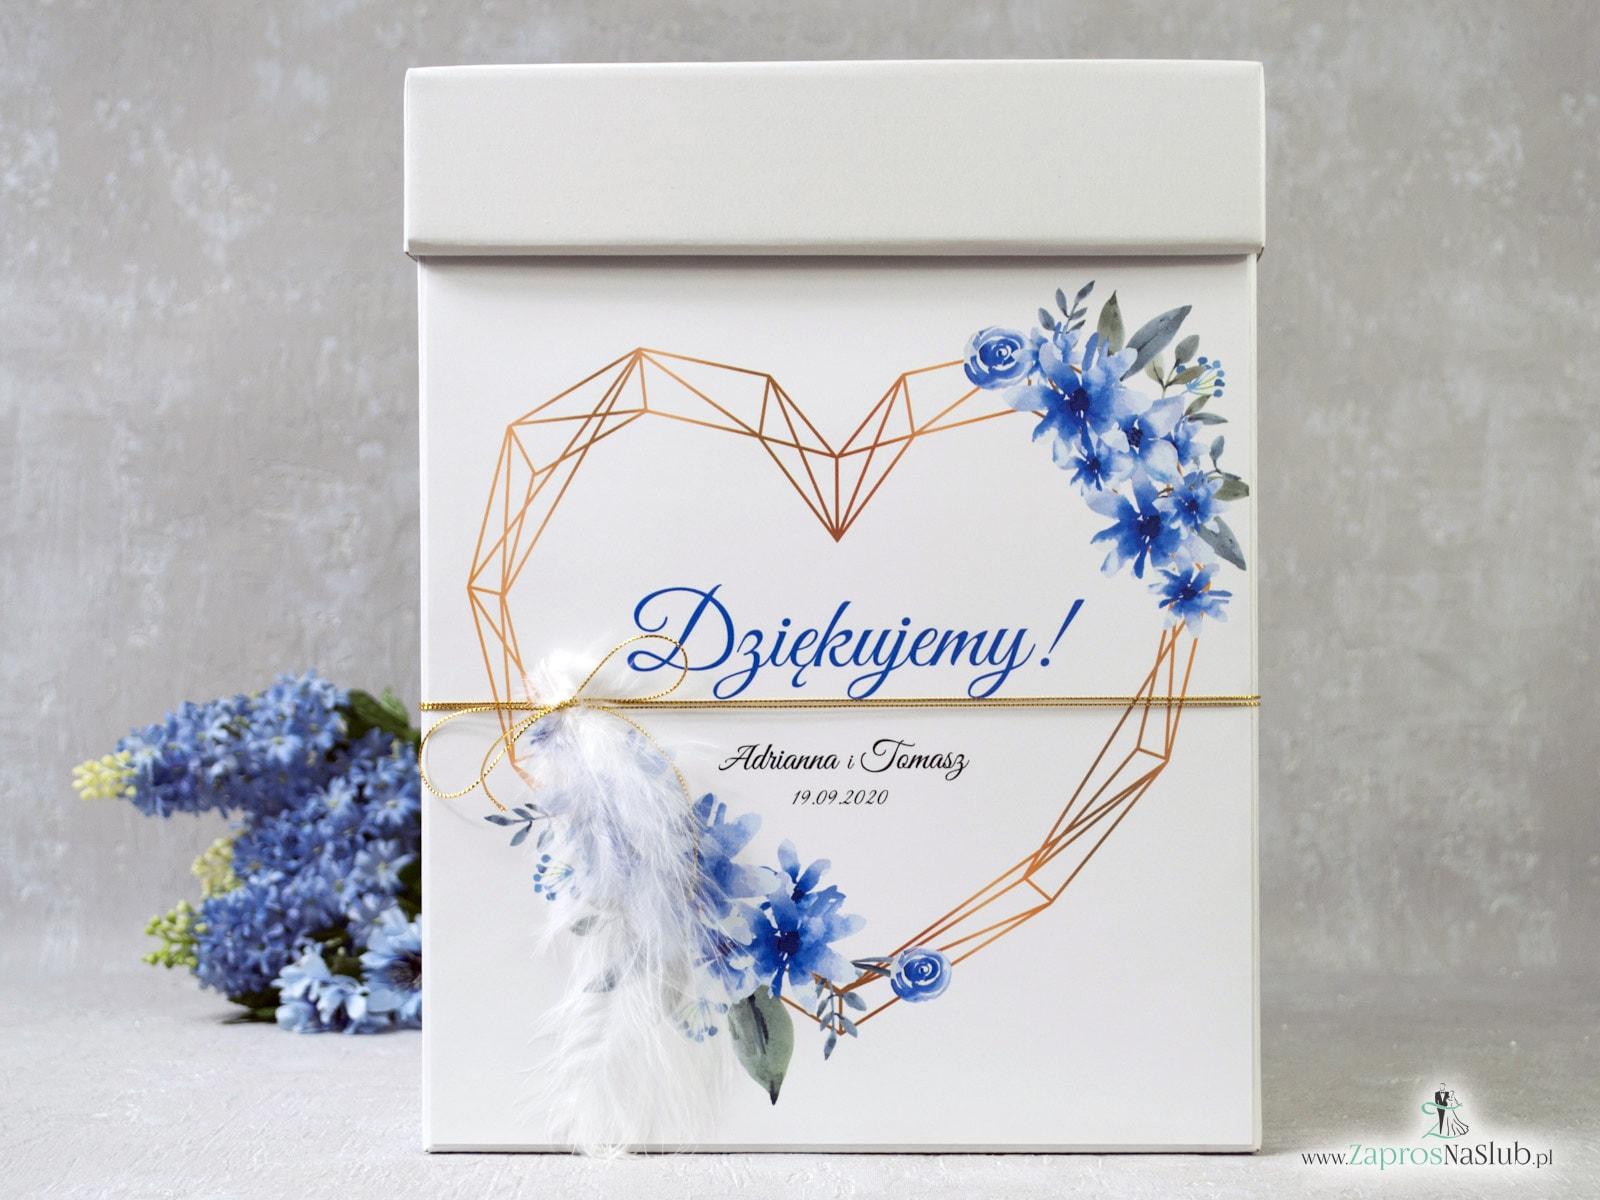 Pudełko na koperty z geometrycznym sercem, niebieskimi kwiatami i białym piórkiem. PNK-41-22